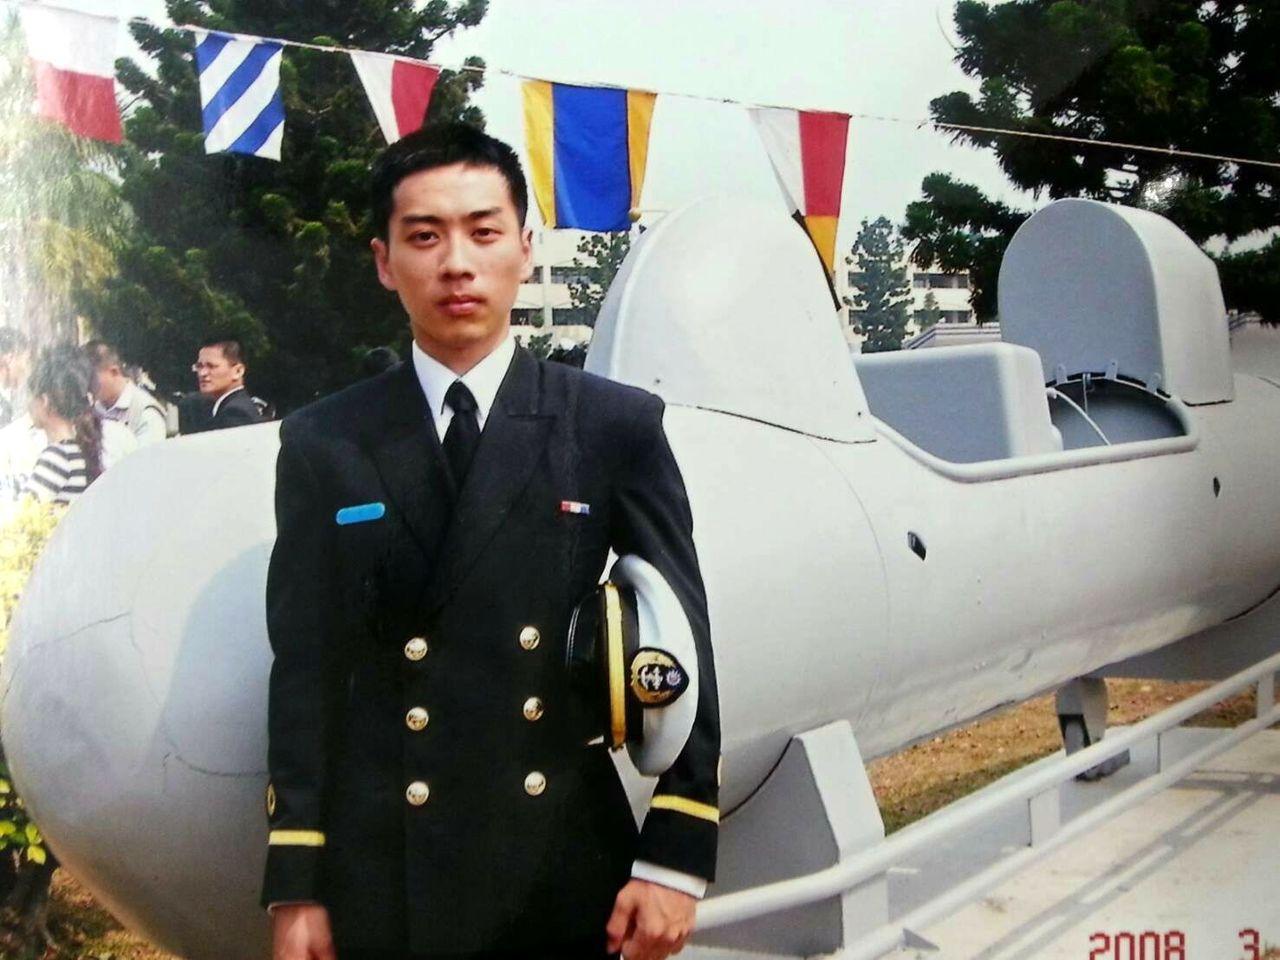 薛海軍官校畢業後,一路從少尉排長當到上尉連長,八八風災時曾率百餘名士官兵,搶救了...